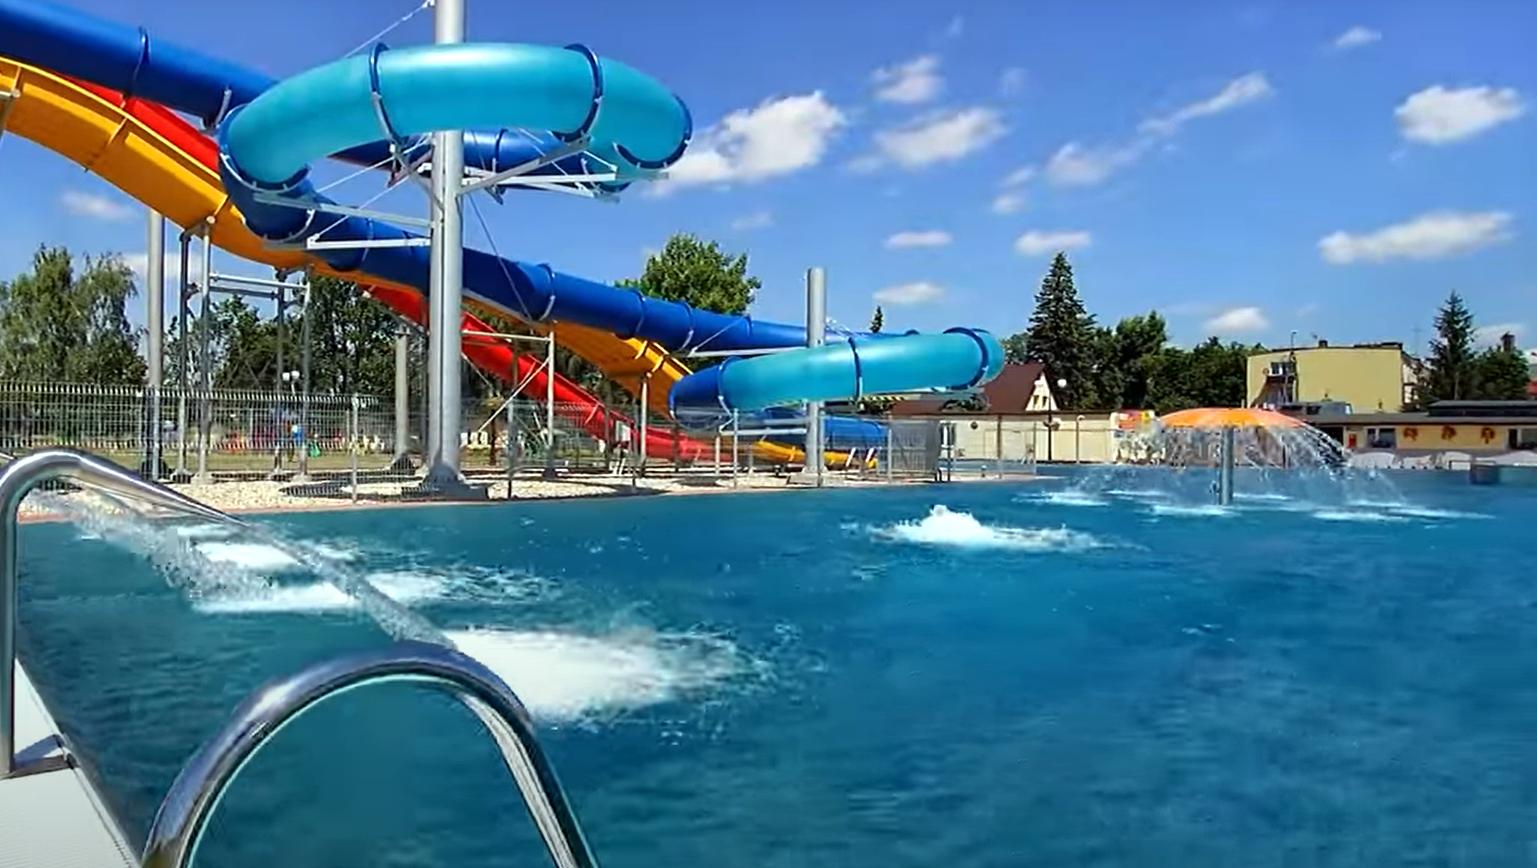 ŁUKÓW. Wiemy kiedy otwarcie basenów. Co z biletami? (WIDEO) - Zdjęcie główne